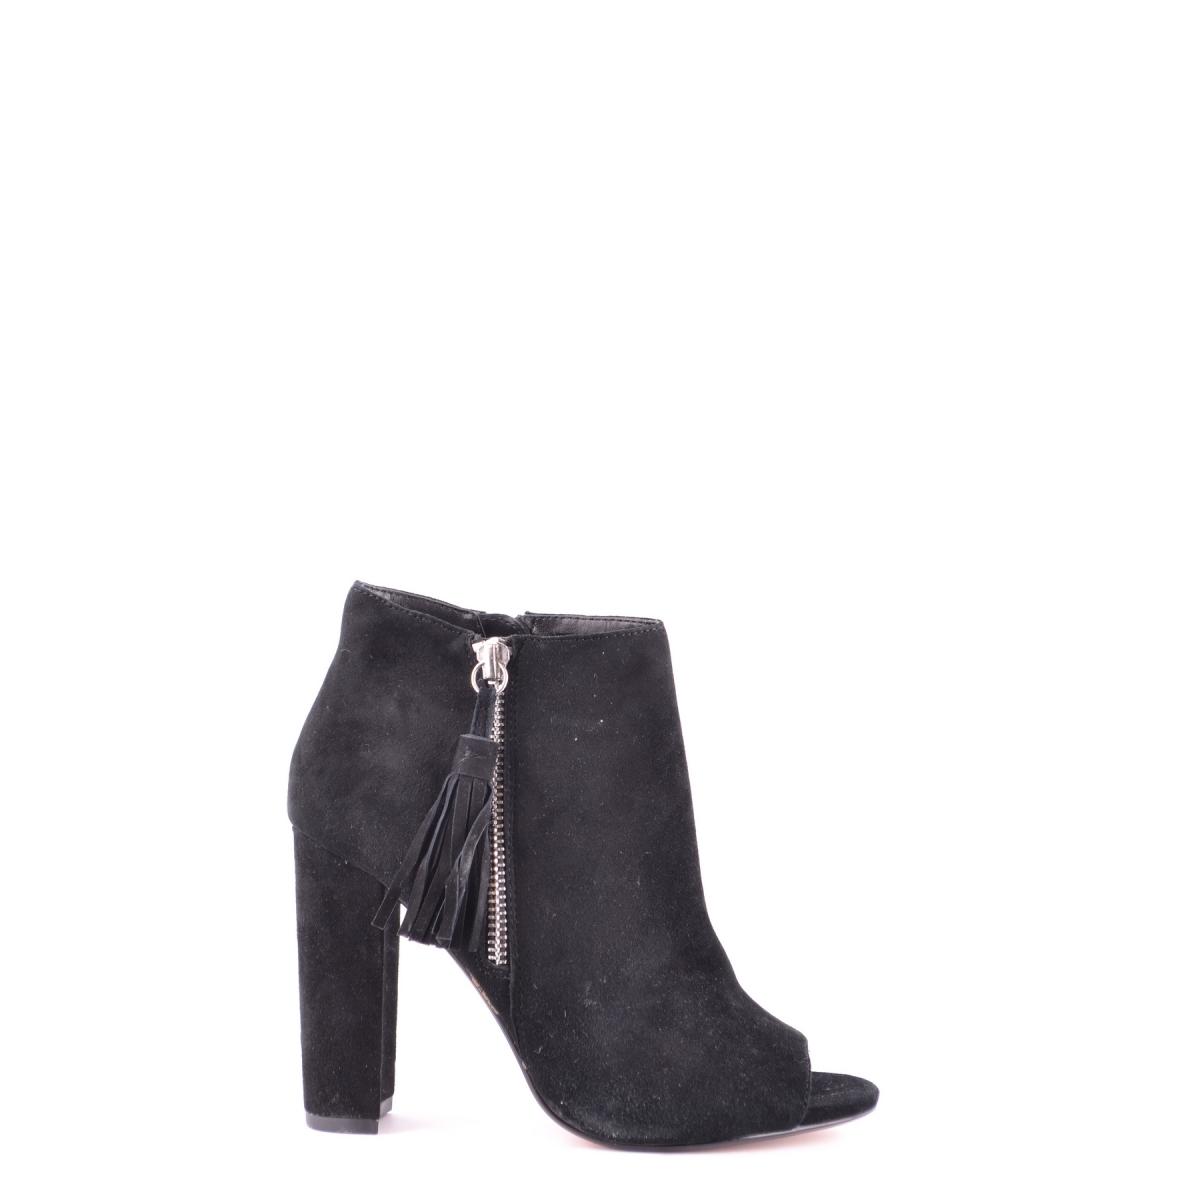 Sandali Steve Madden 32695IT -20%,Gli stivali da donna classici sono dimensioni popolari, economici e hanno dimensioni sono 92f725